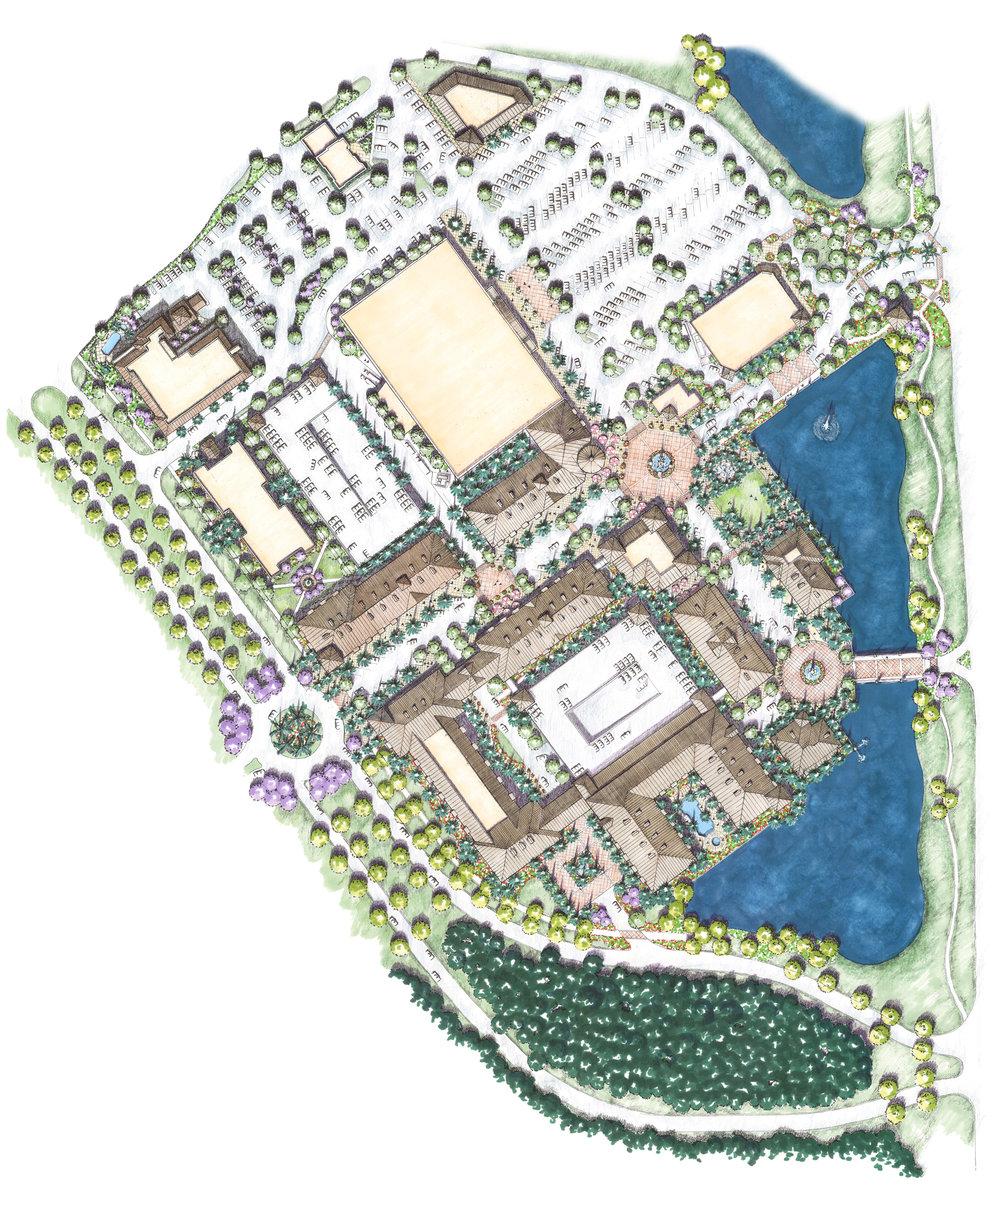 Sawgrass Village Graphic 4 Rendered Site Plan.jpg